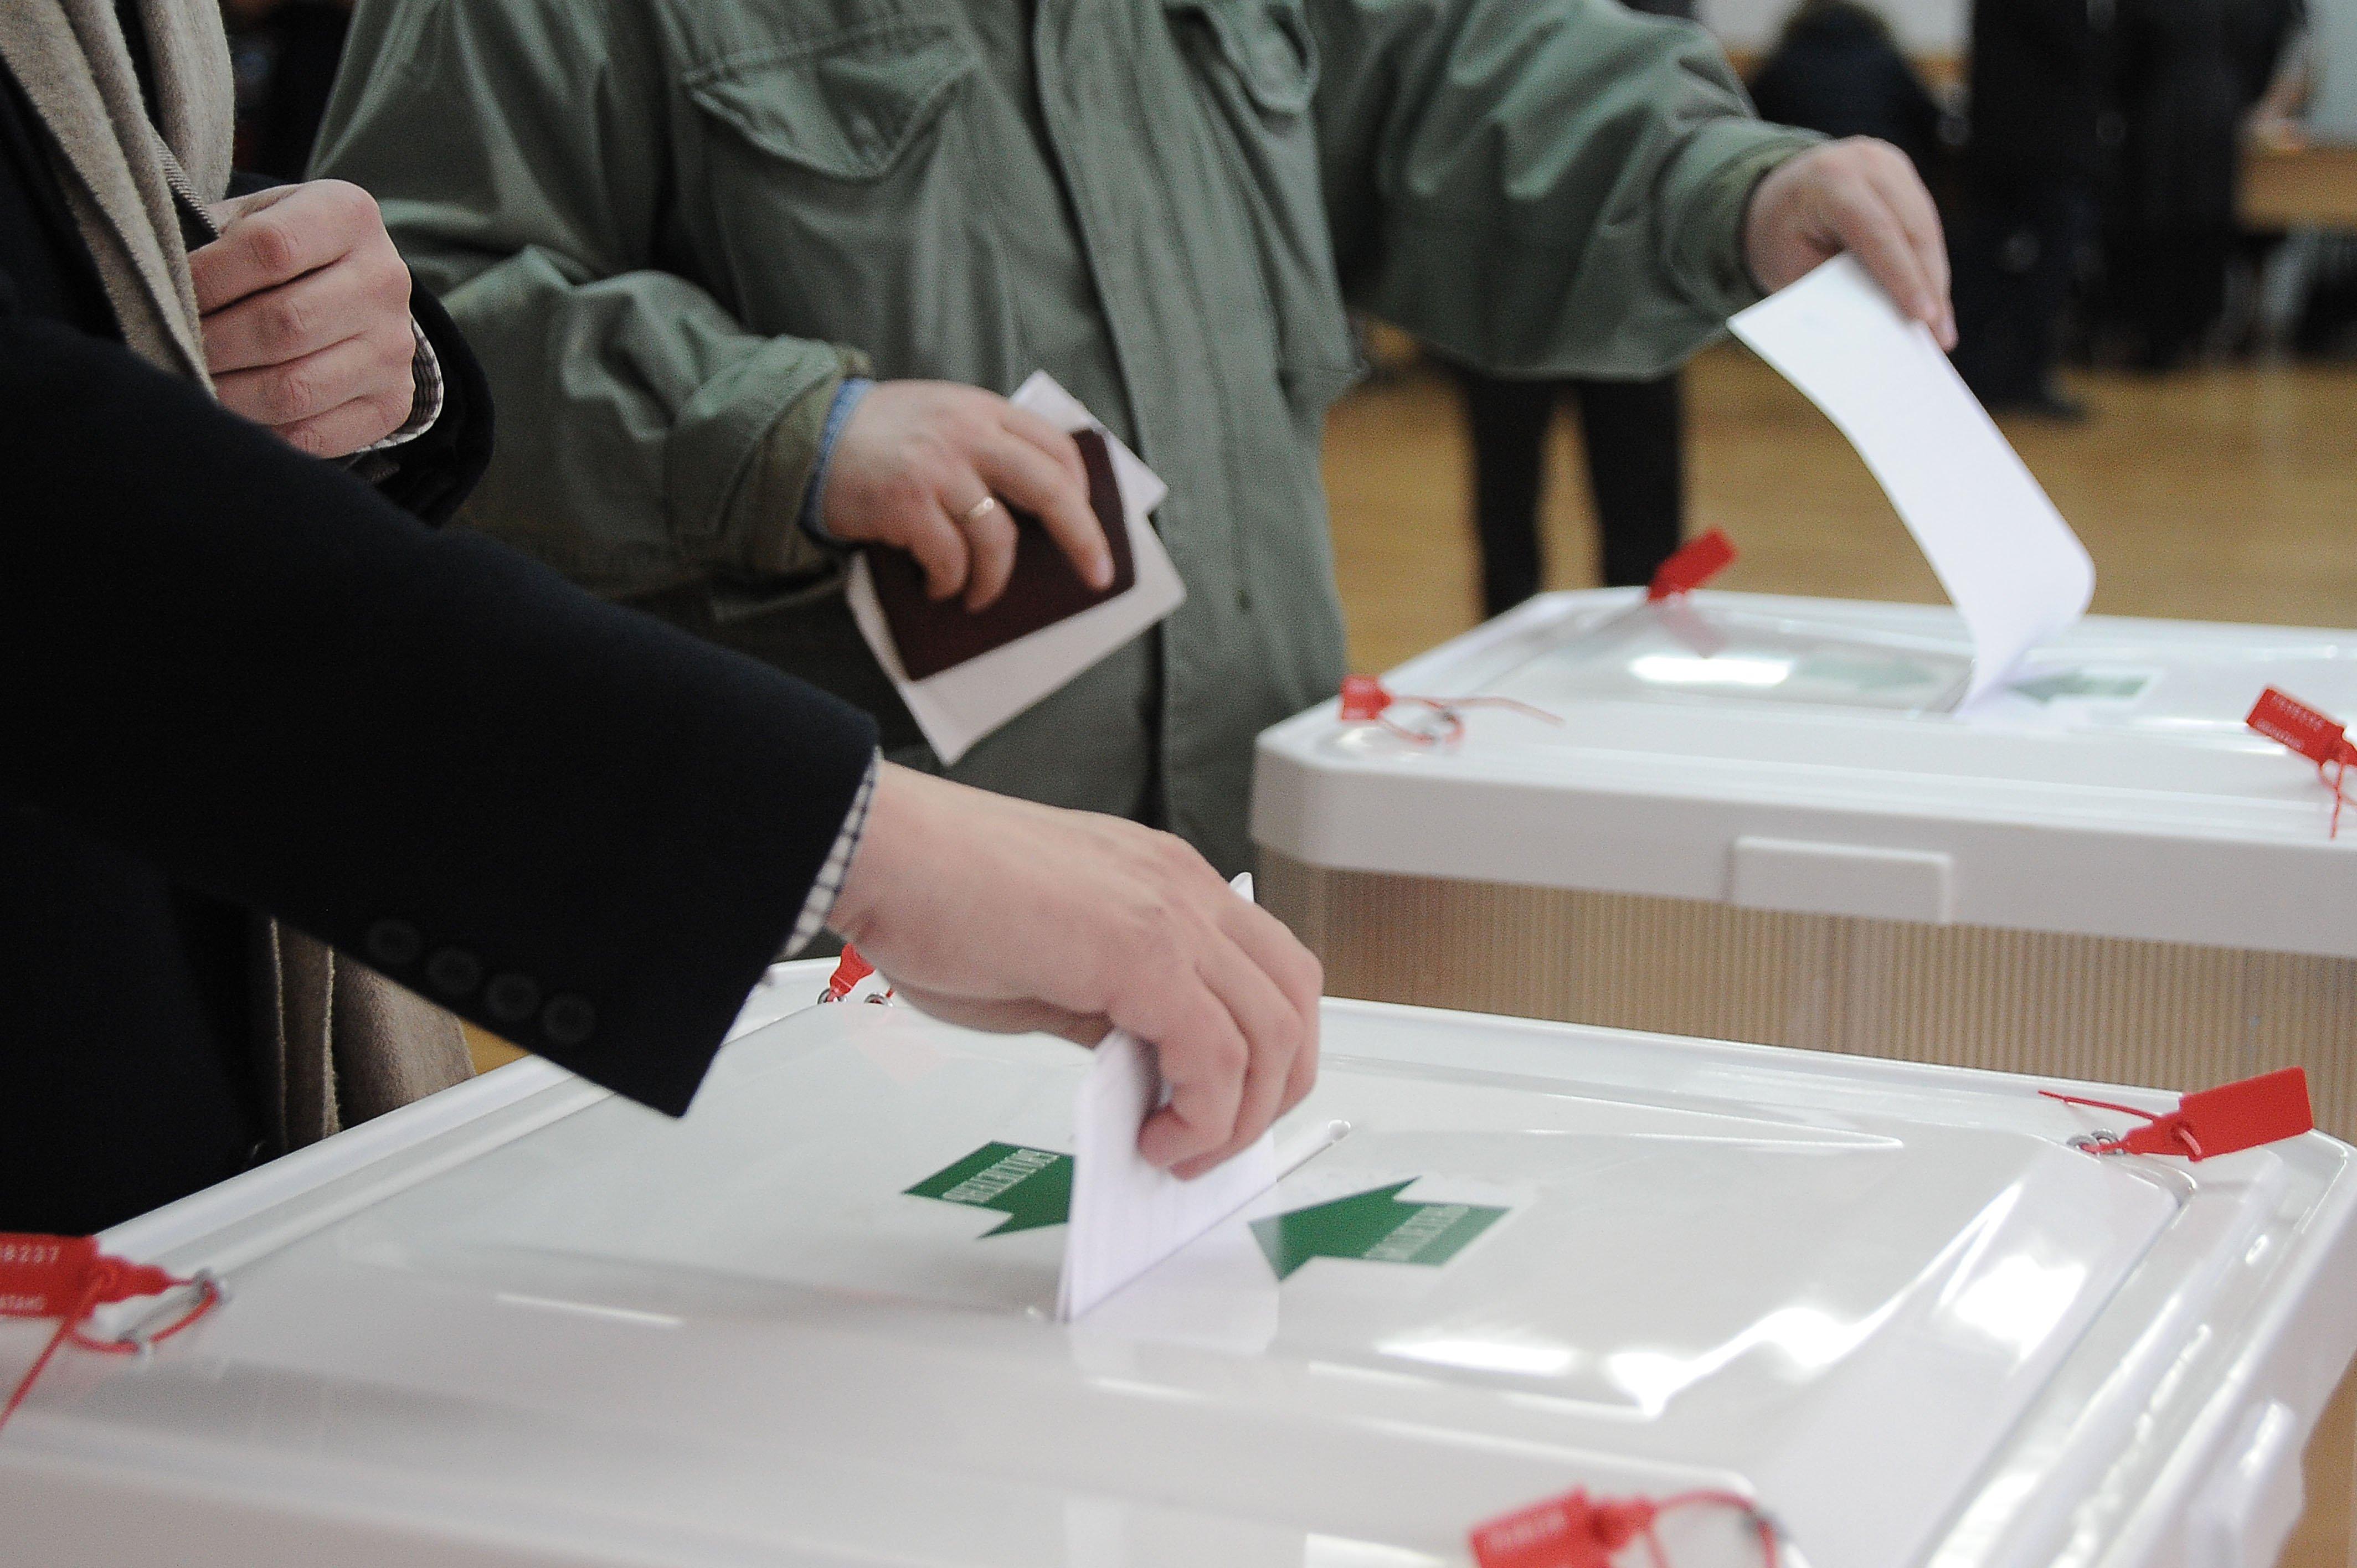 картинки выборы с людьми